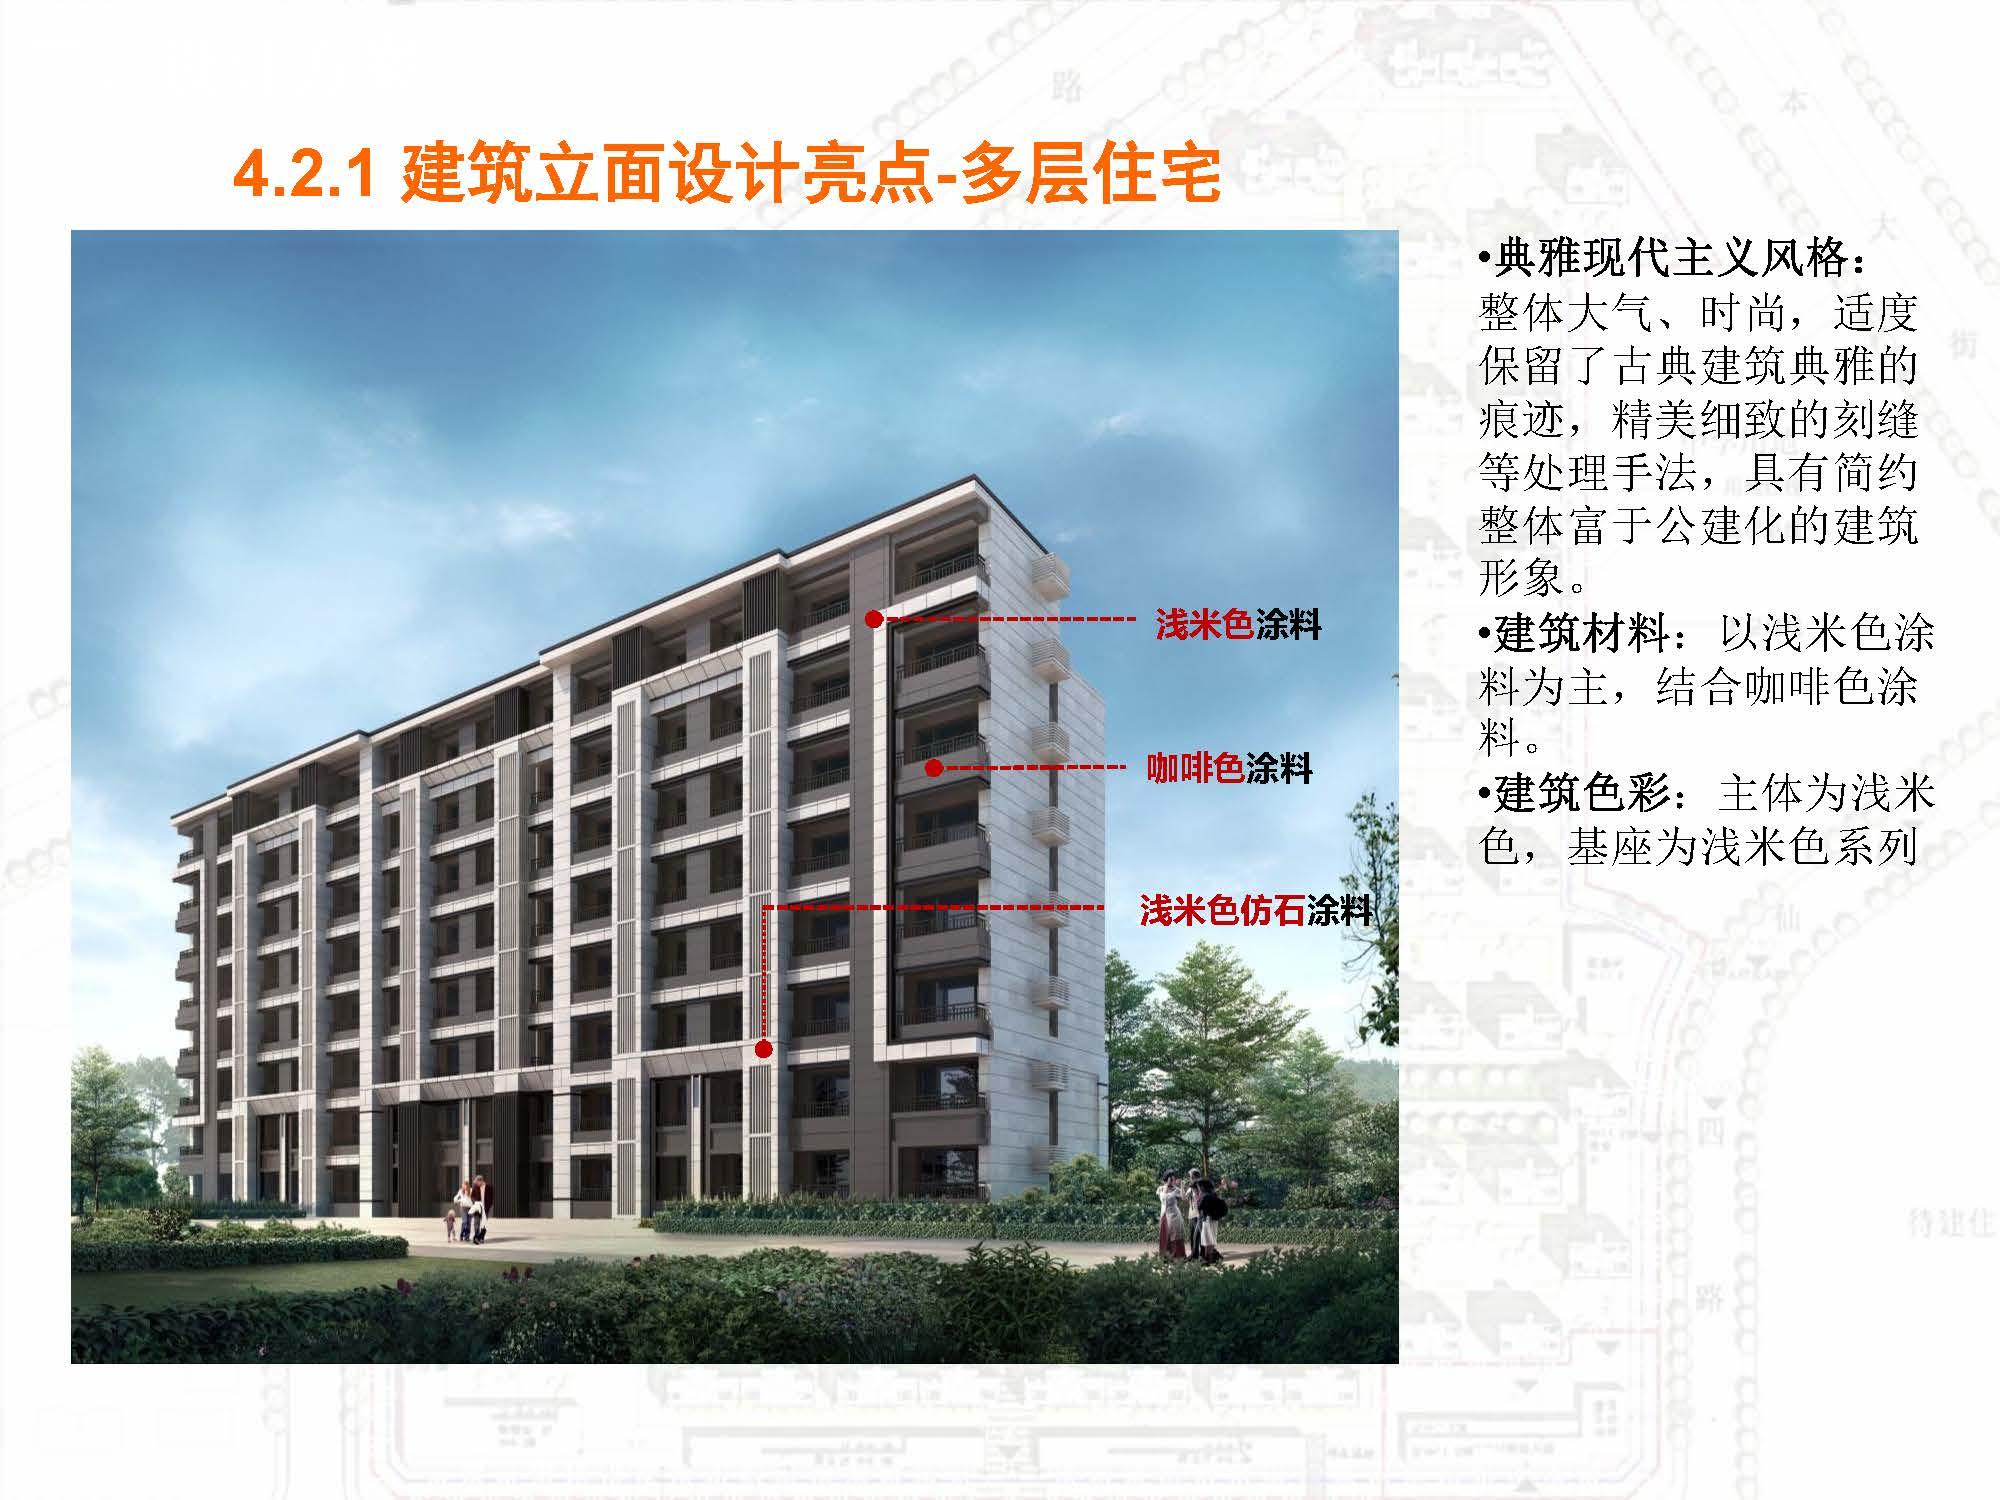 中海沈阳销售手册20180809--EPG--建筑设计理念及亮点 _页面_27.jpg